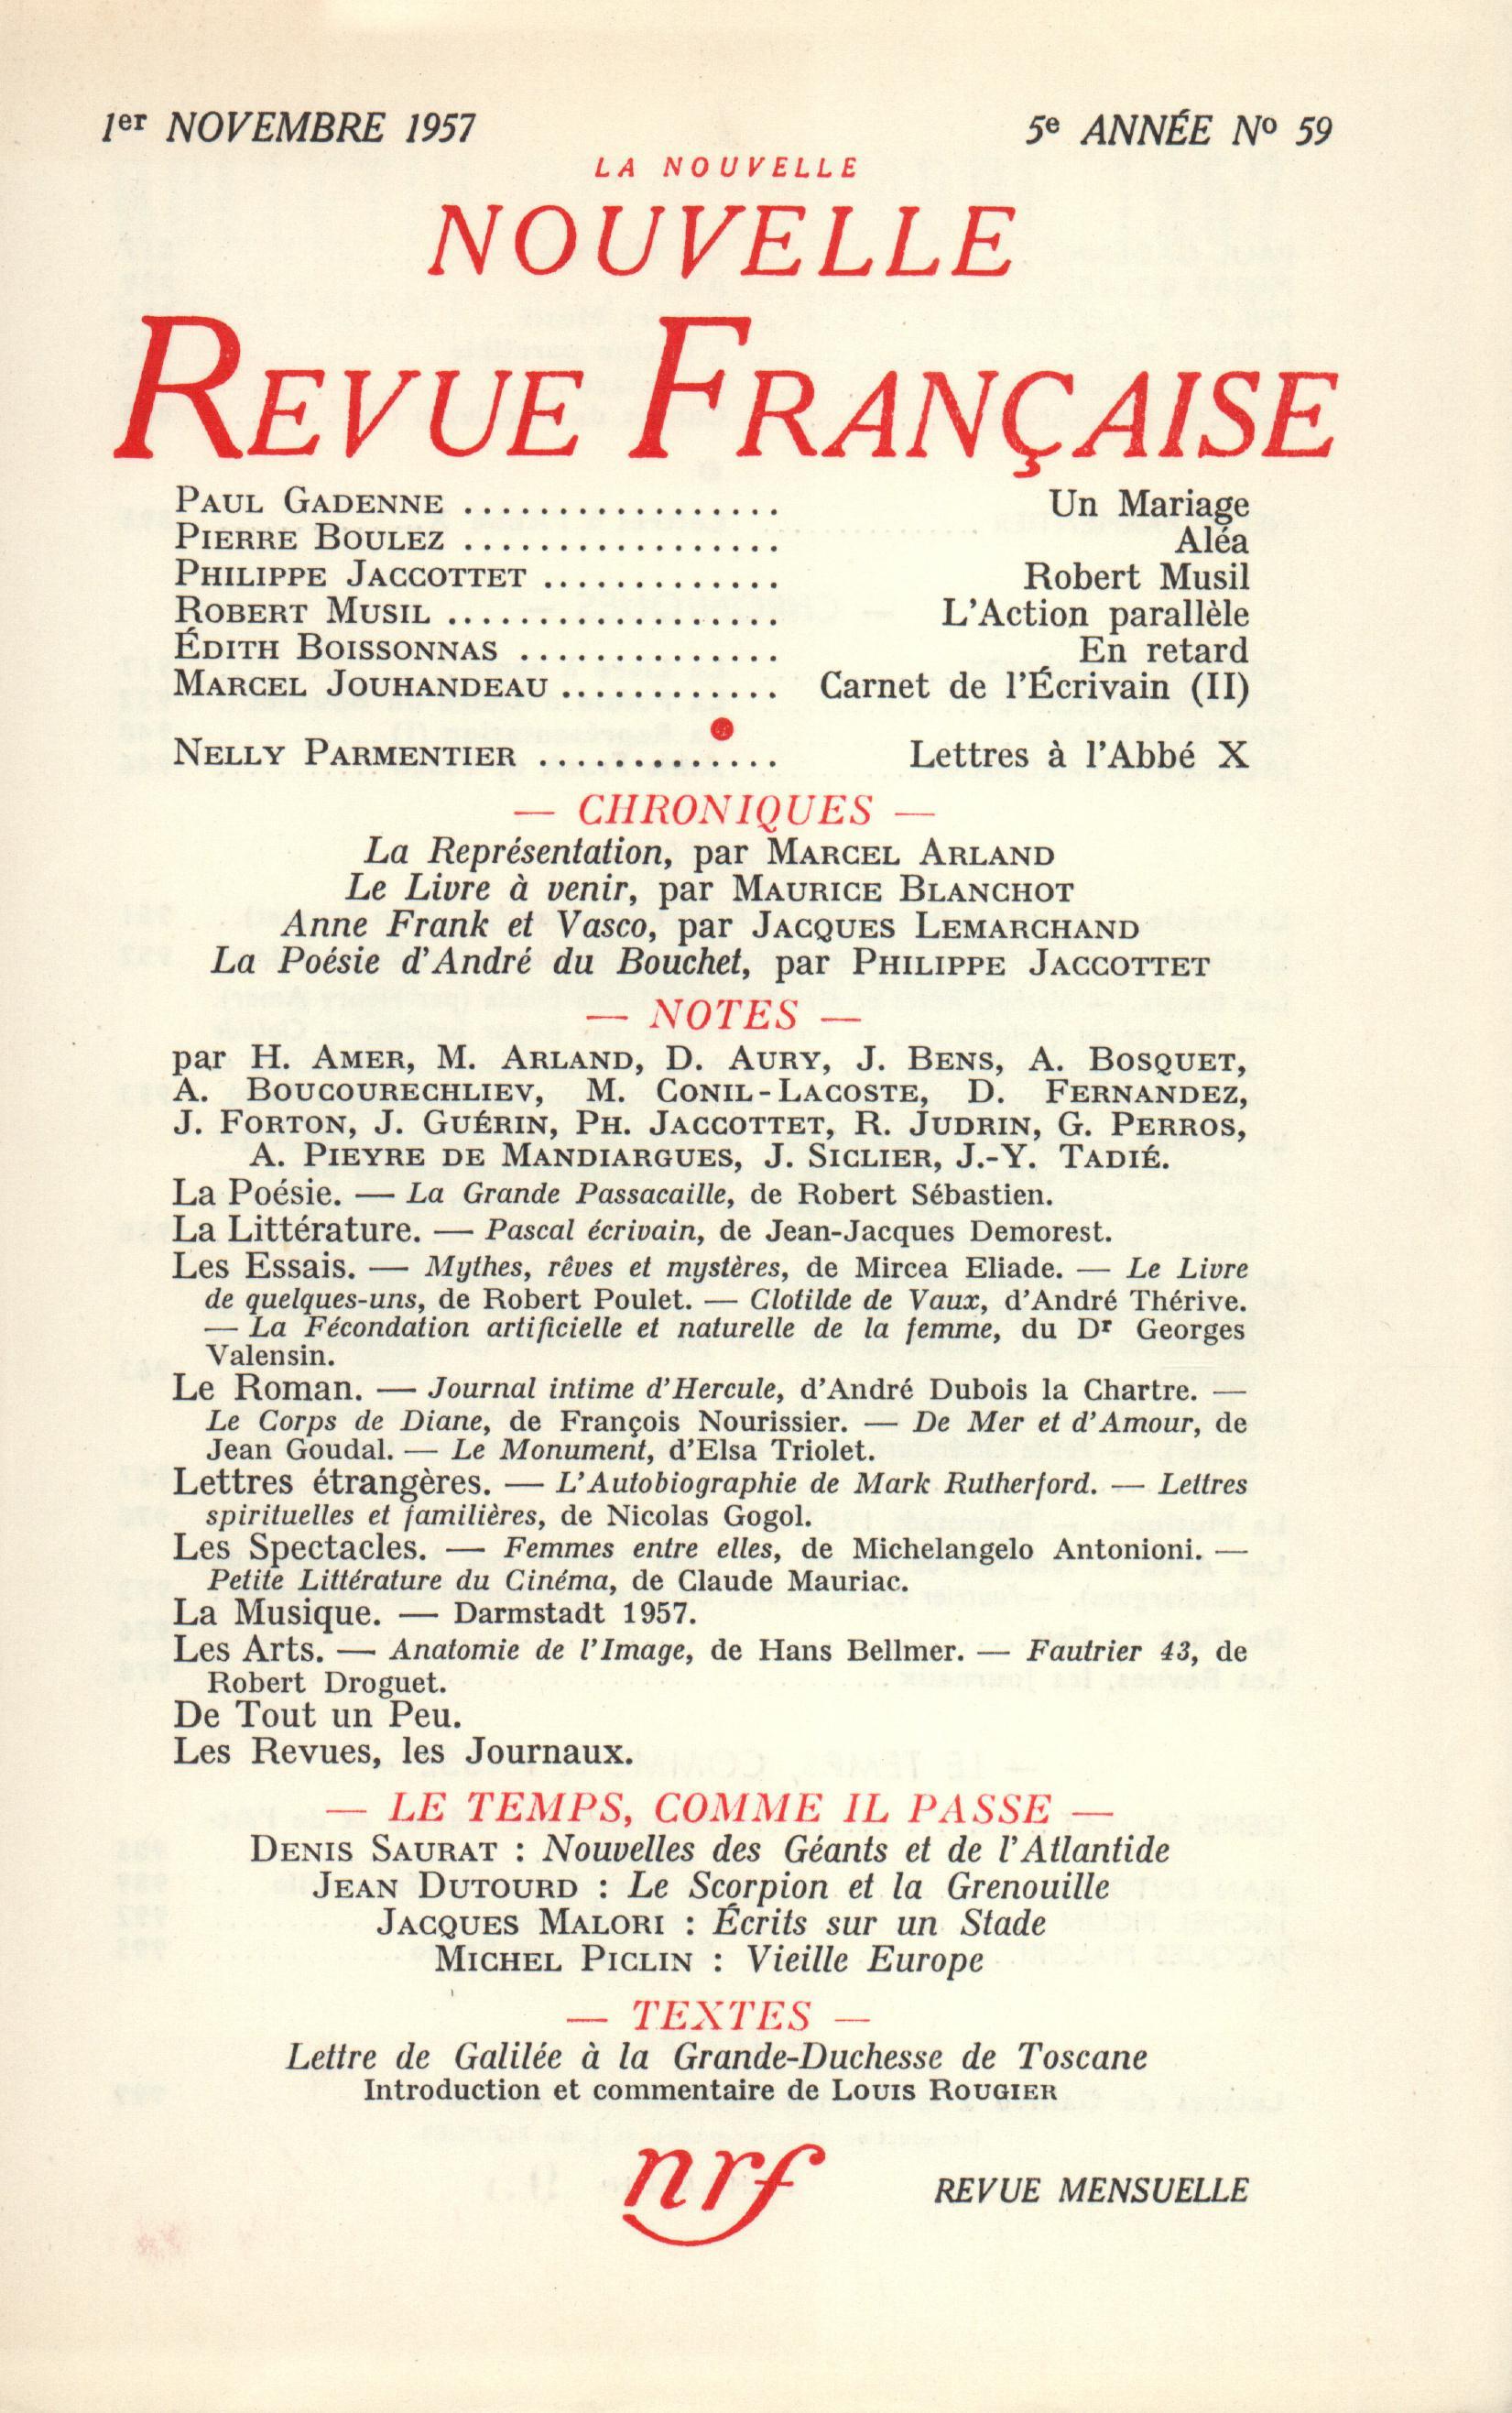 La Nouvelle Nouvelle Revue Française N' 59 (Novembre 1957)